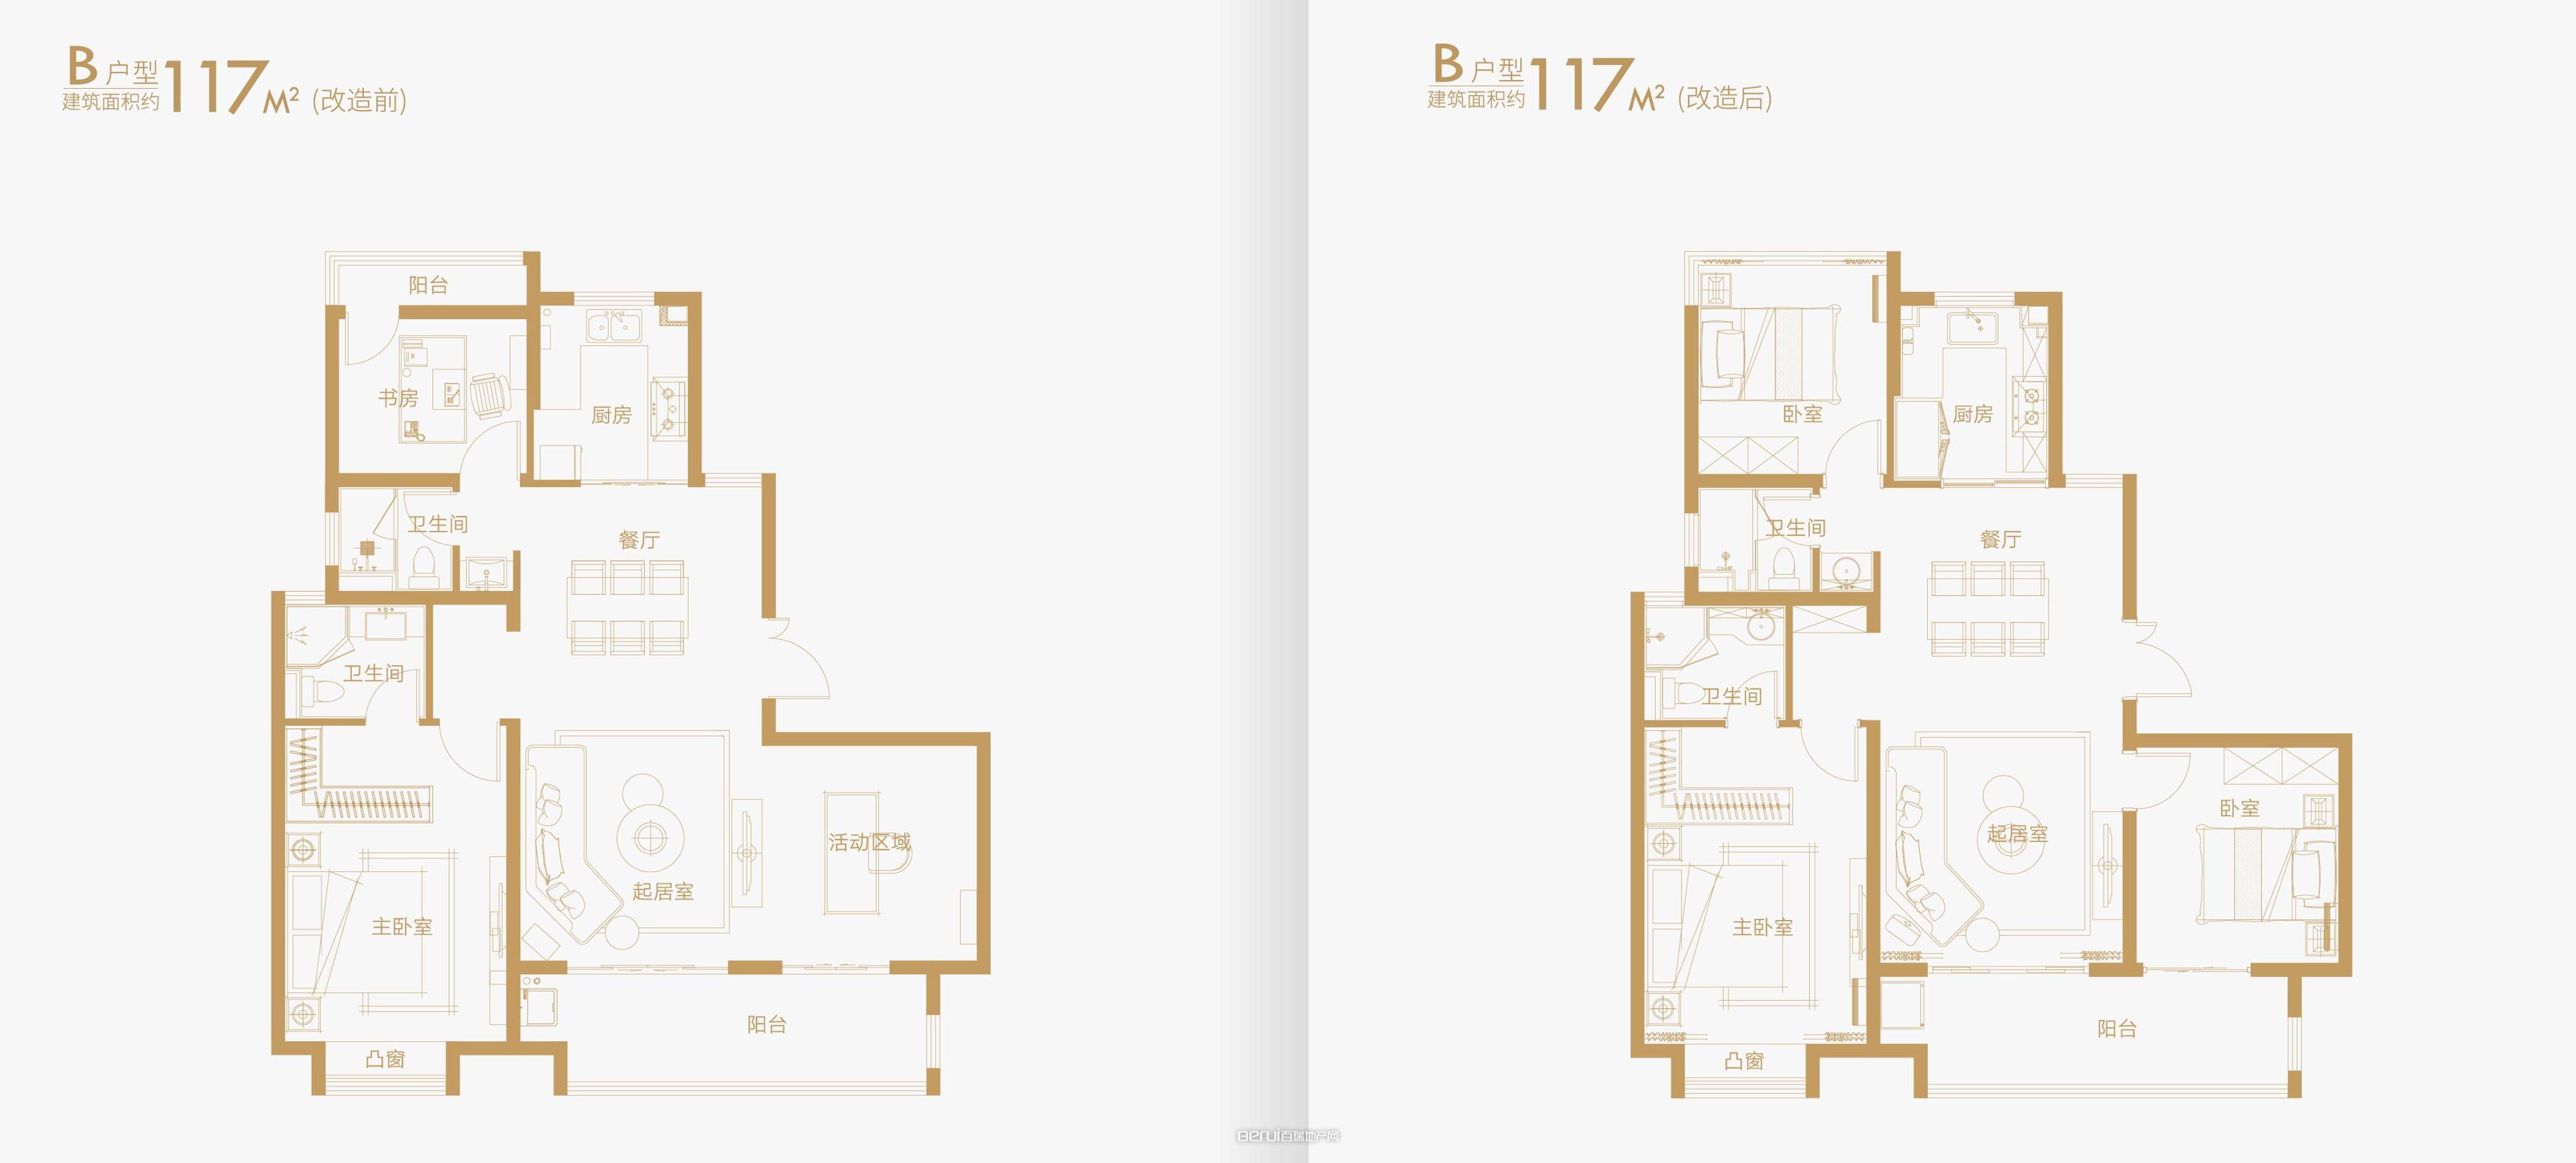 3室2厅2卫117㎡